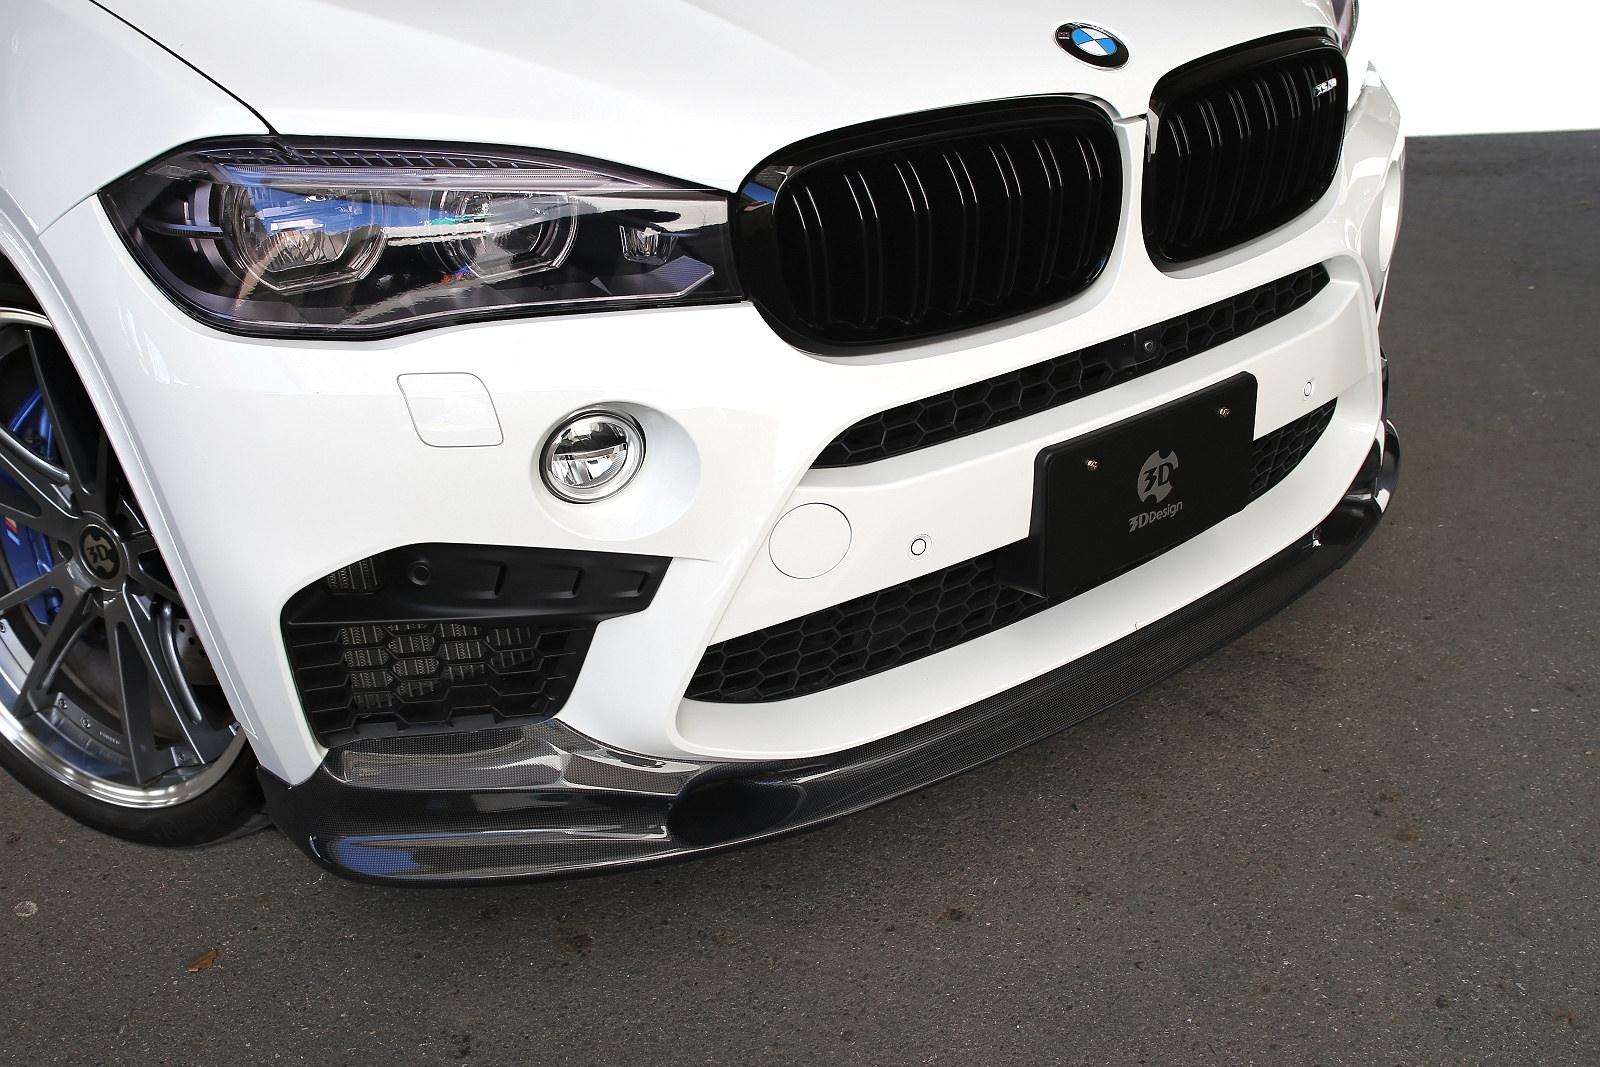 3D Designカーボンリップスポイラー for BMW F80 X5M